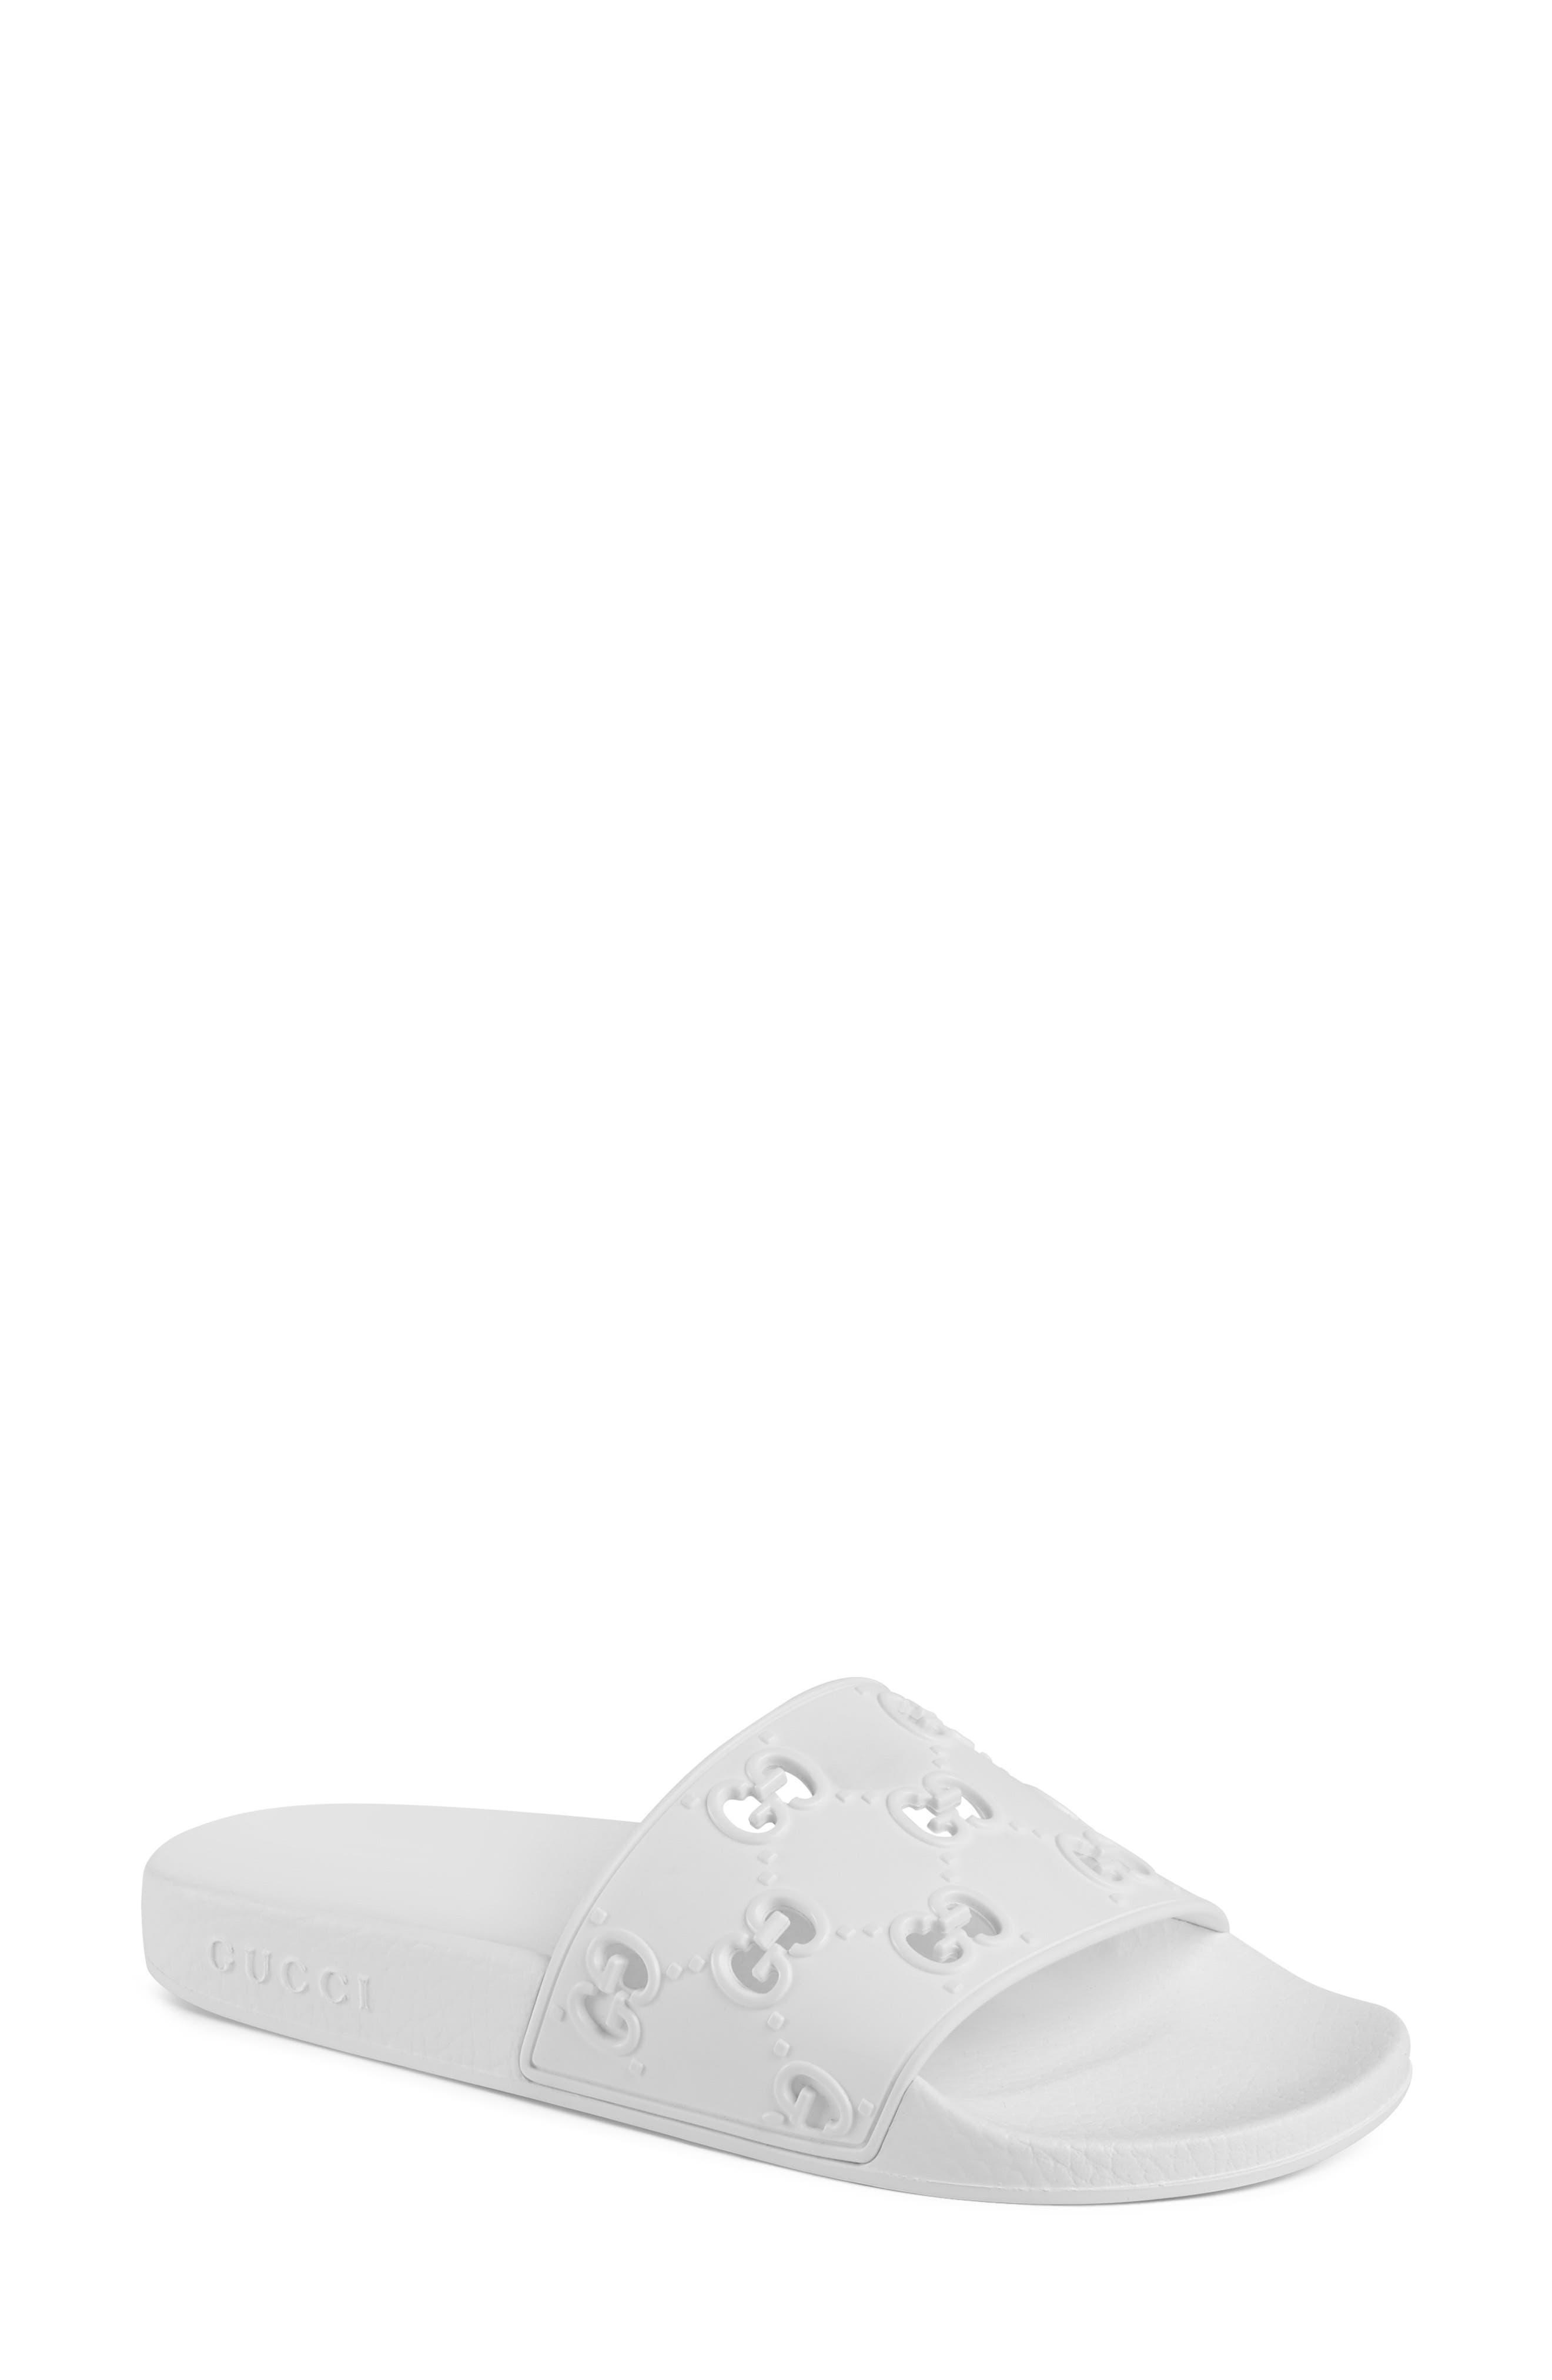 Gucci Pursuit GG Logo Slide Sandal